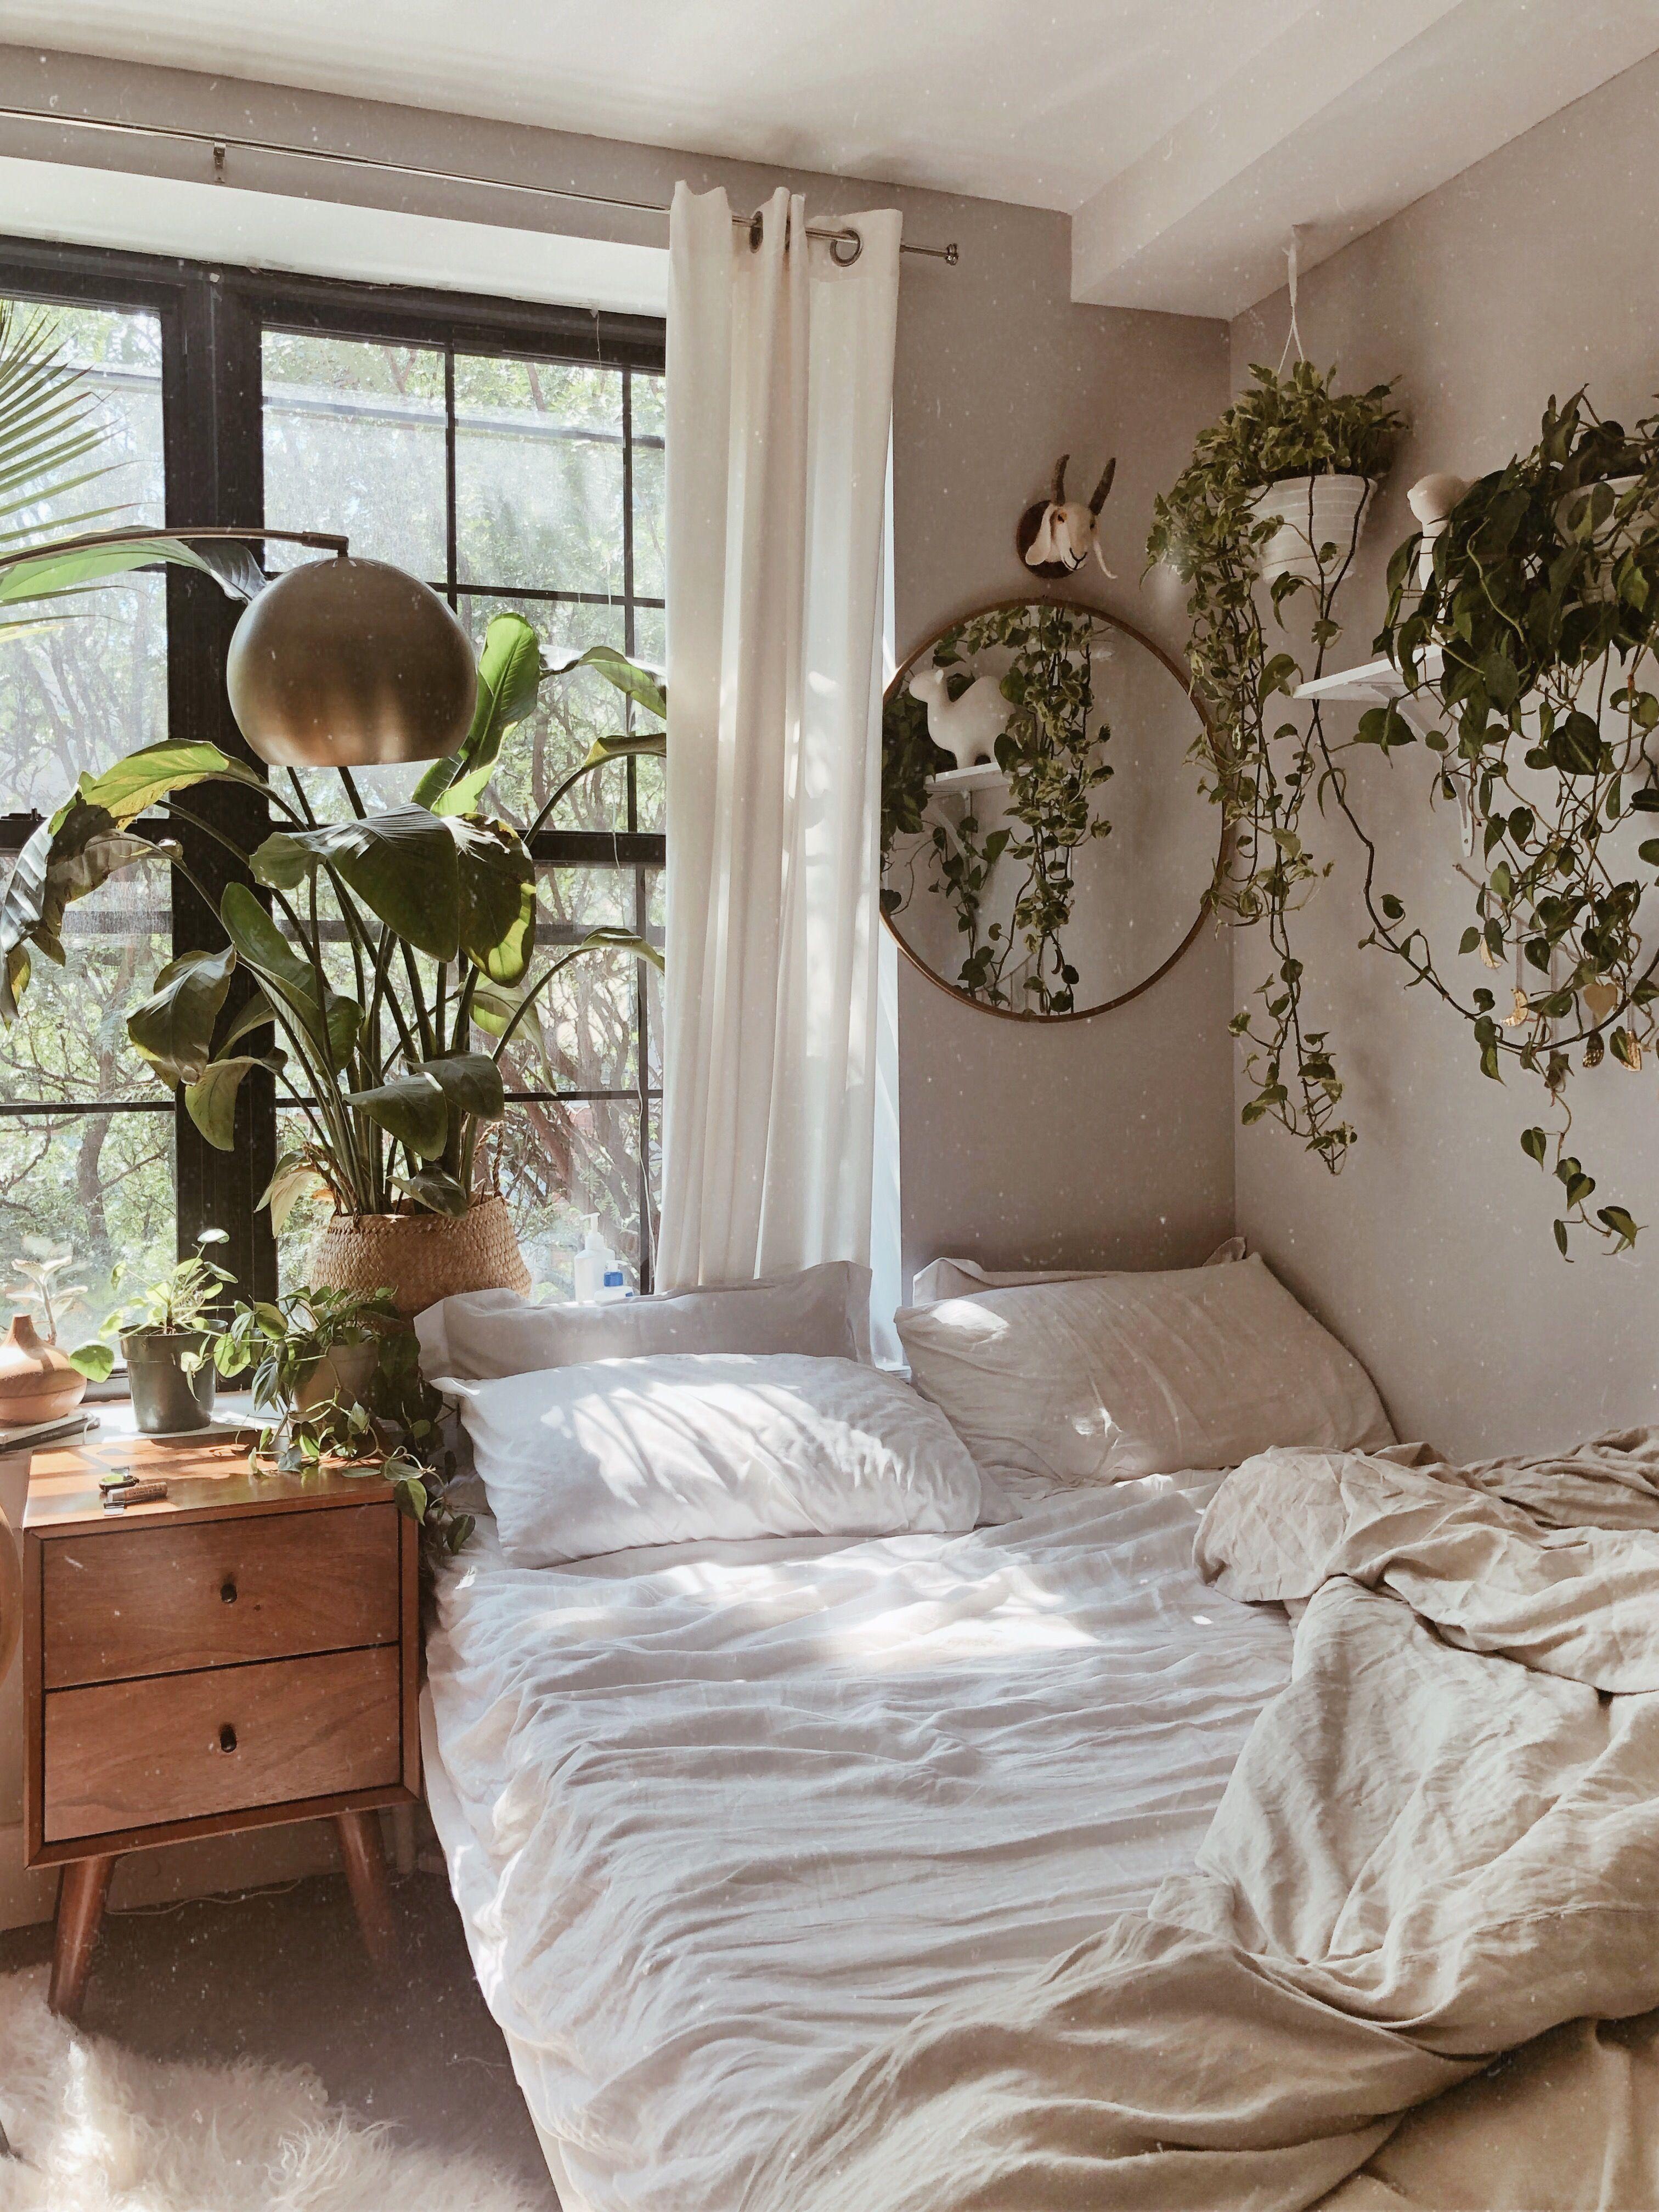 mirror in 2020 aesthetic bedroom bedroom design on home interior design bedroom id=77247